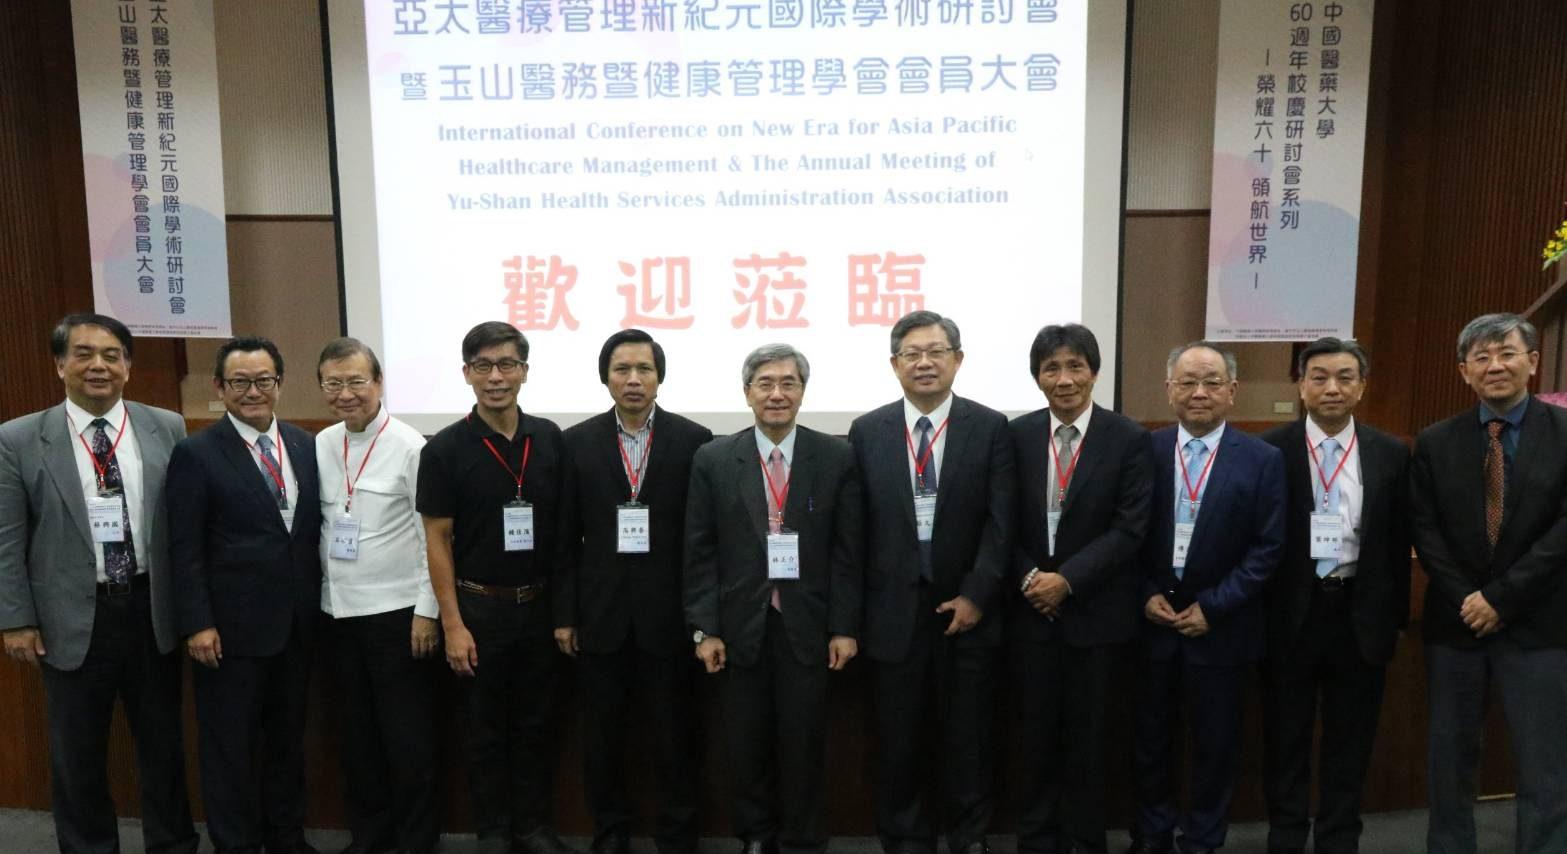 邀請越南衛生部醫療事務管理局副局長Dr. Cao Hung Thai參與醫衛交流活動